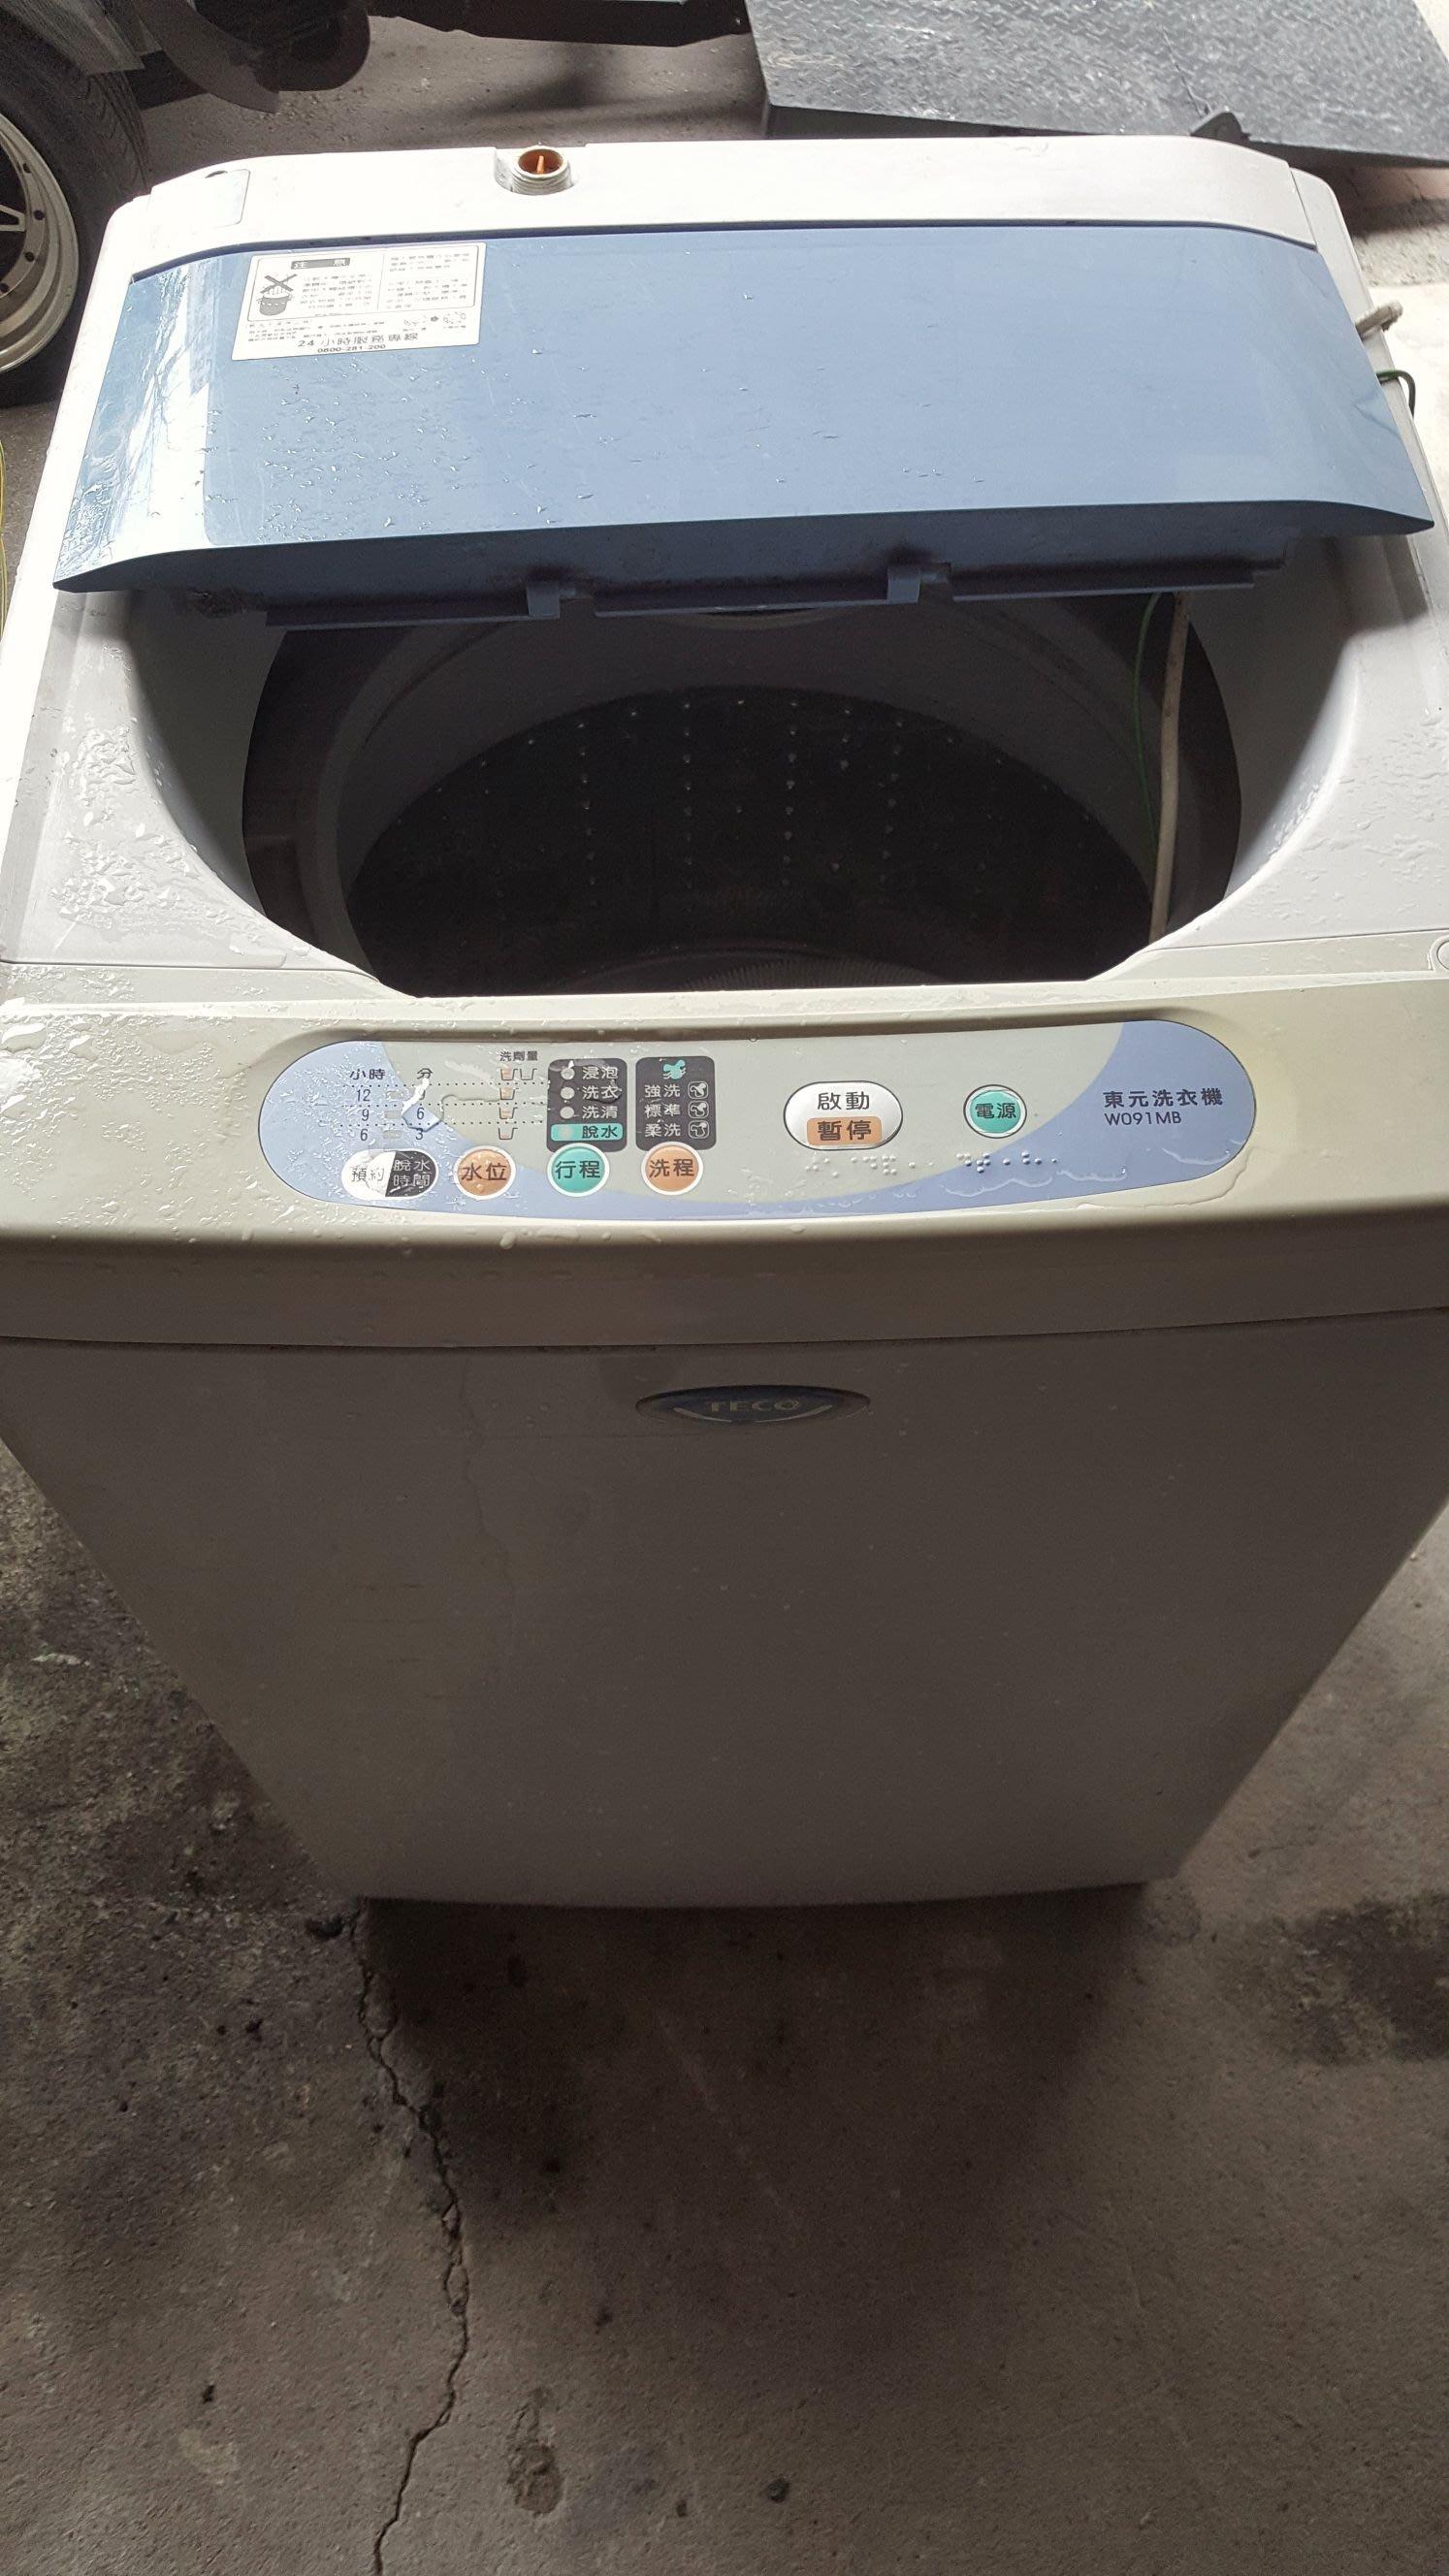 東元7.5公斤2000沒有前蓋便宜賣功能正常